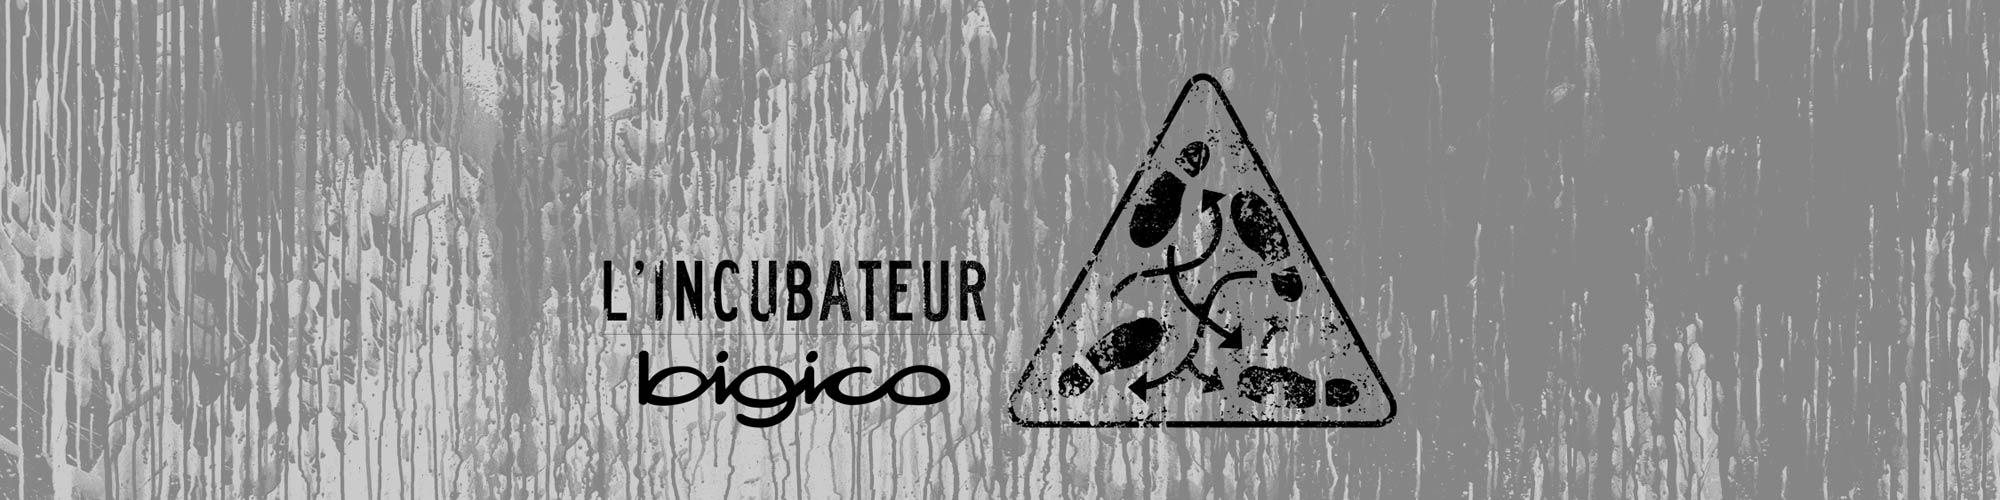 slide-incubateur-classique-couli2